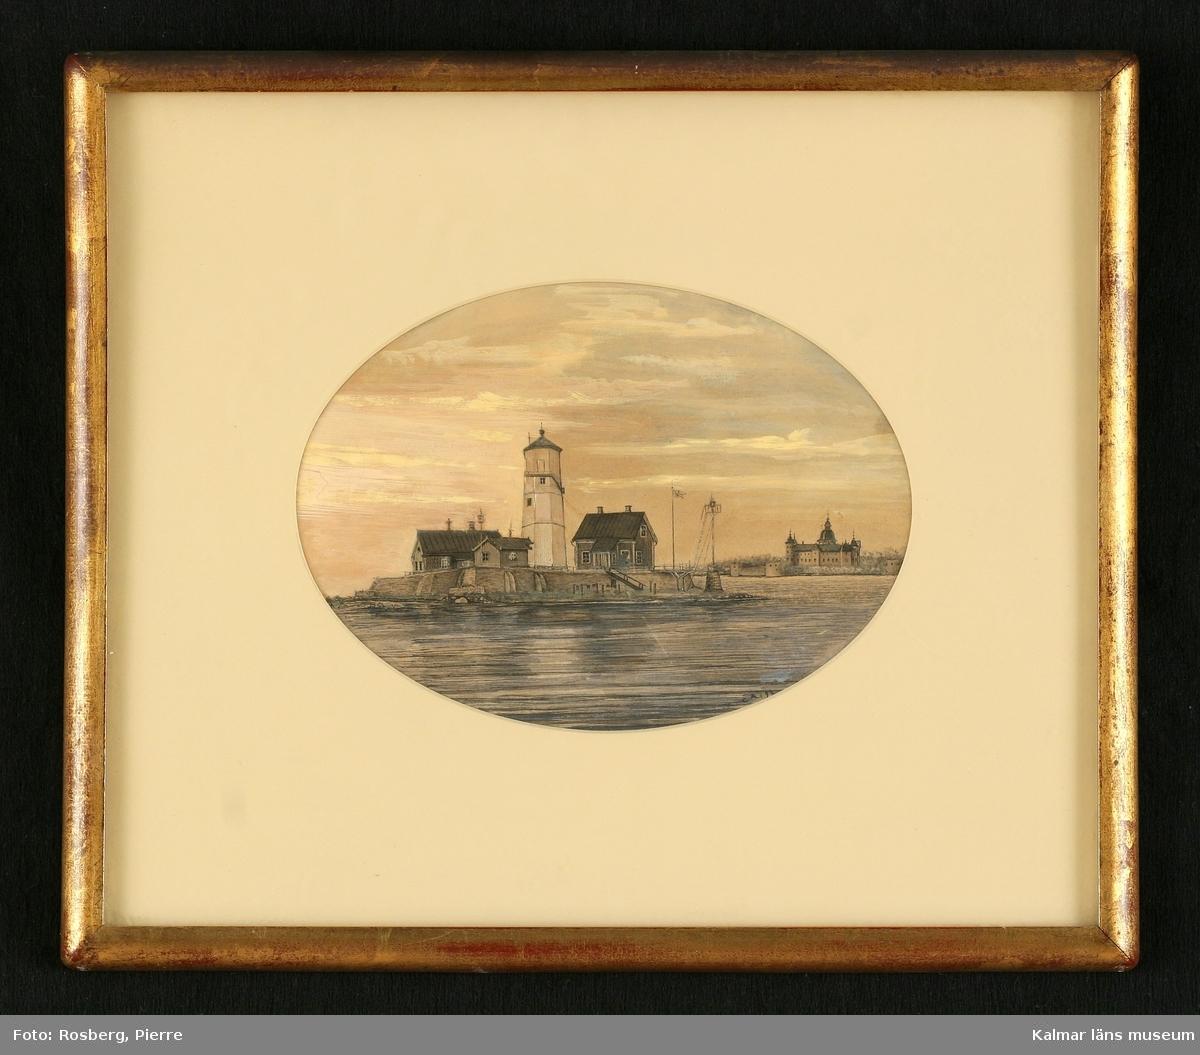 Motiv med Grimskär samt Kalmar slott i bakgrunden. Flera byggnader på ön samt fyr.